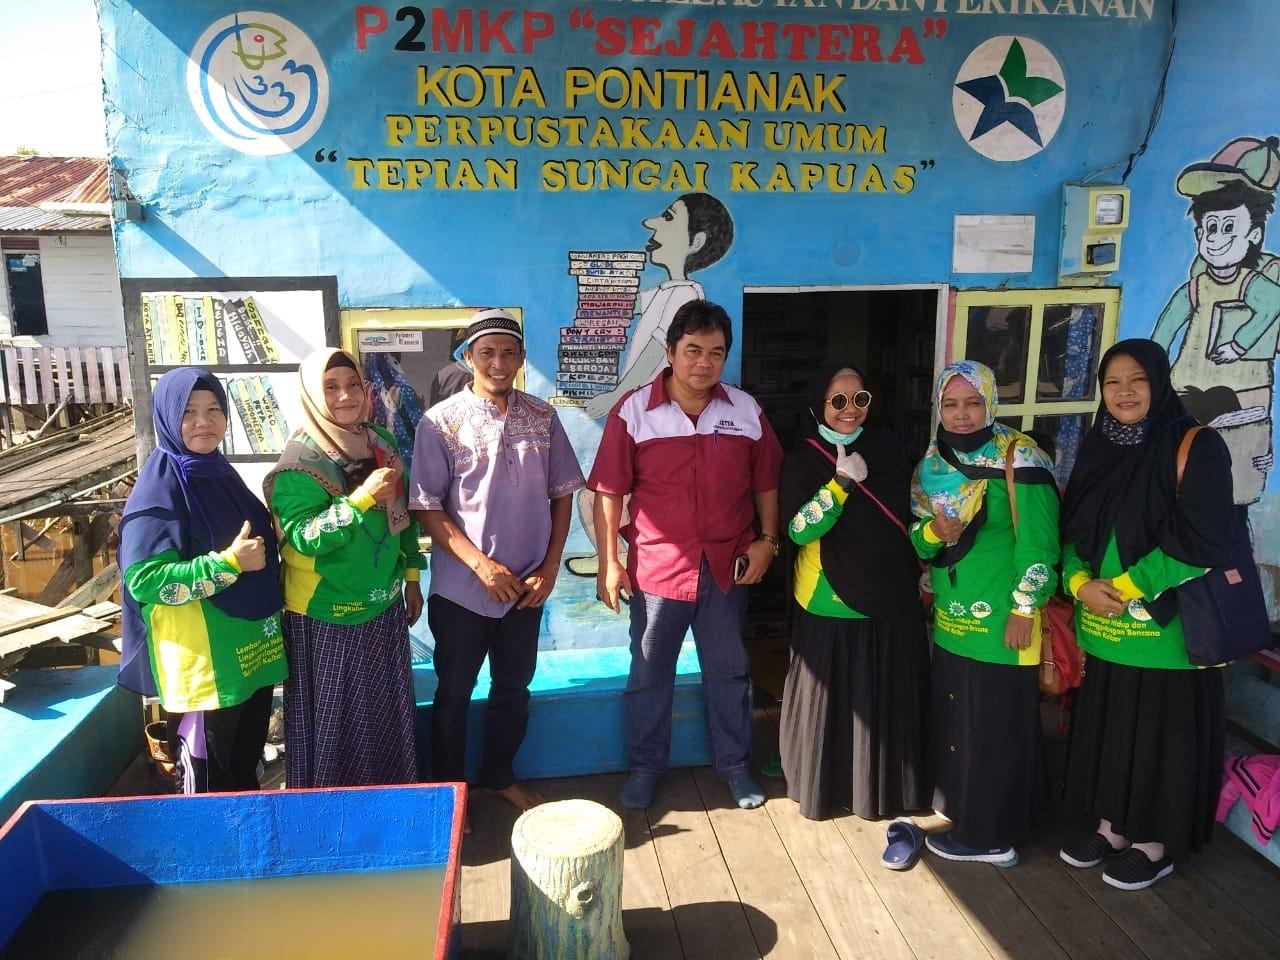 Rabu, 10  Juni 2020. Foto bersama ketua kelompok nelayan keramba ikan tepian Sungai Kapuas. Lokasi: rumah singgah nelayan keramba ikan.